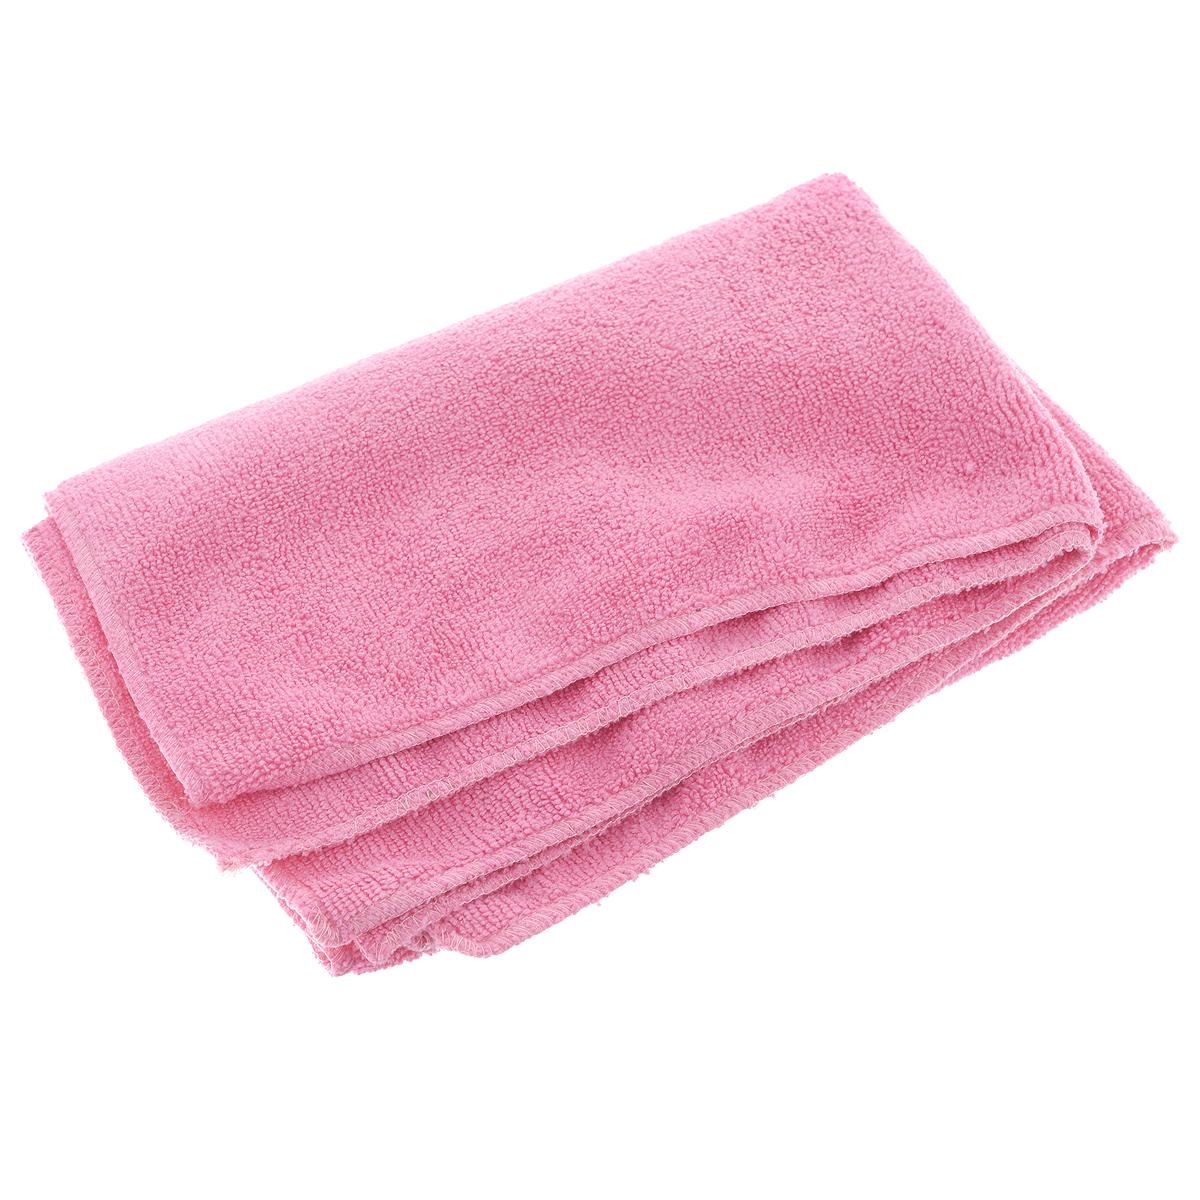 Тряпка для пола Eva, цвет: розовый, 50 см х 60 смЕ7302 розовыйТряпка для пола Eva выполнена из микрофибры (полиэстера и полиамида).Благодаря микроструктуре волоконона проникает в поры материалов, а поэтому может удалять загрязнения безприменения химических средств. Тряпка удерживает влагу, не оставляетразводов иворса.Размер: 50 см х 60 см.